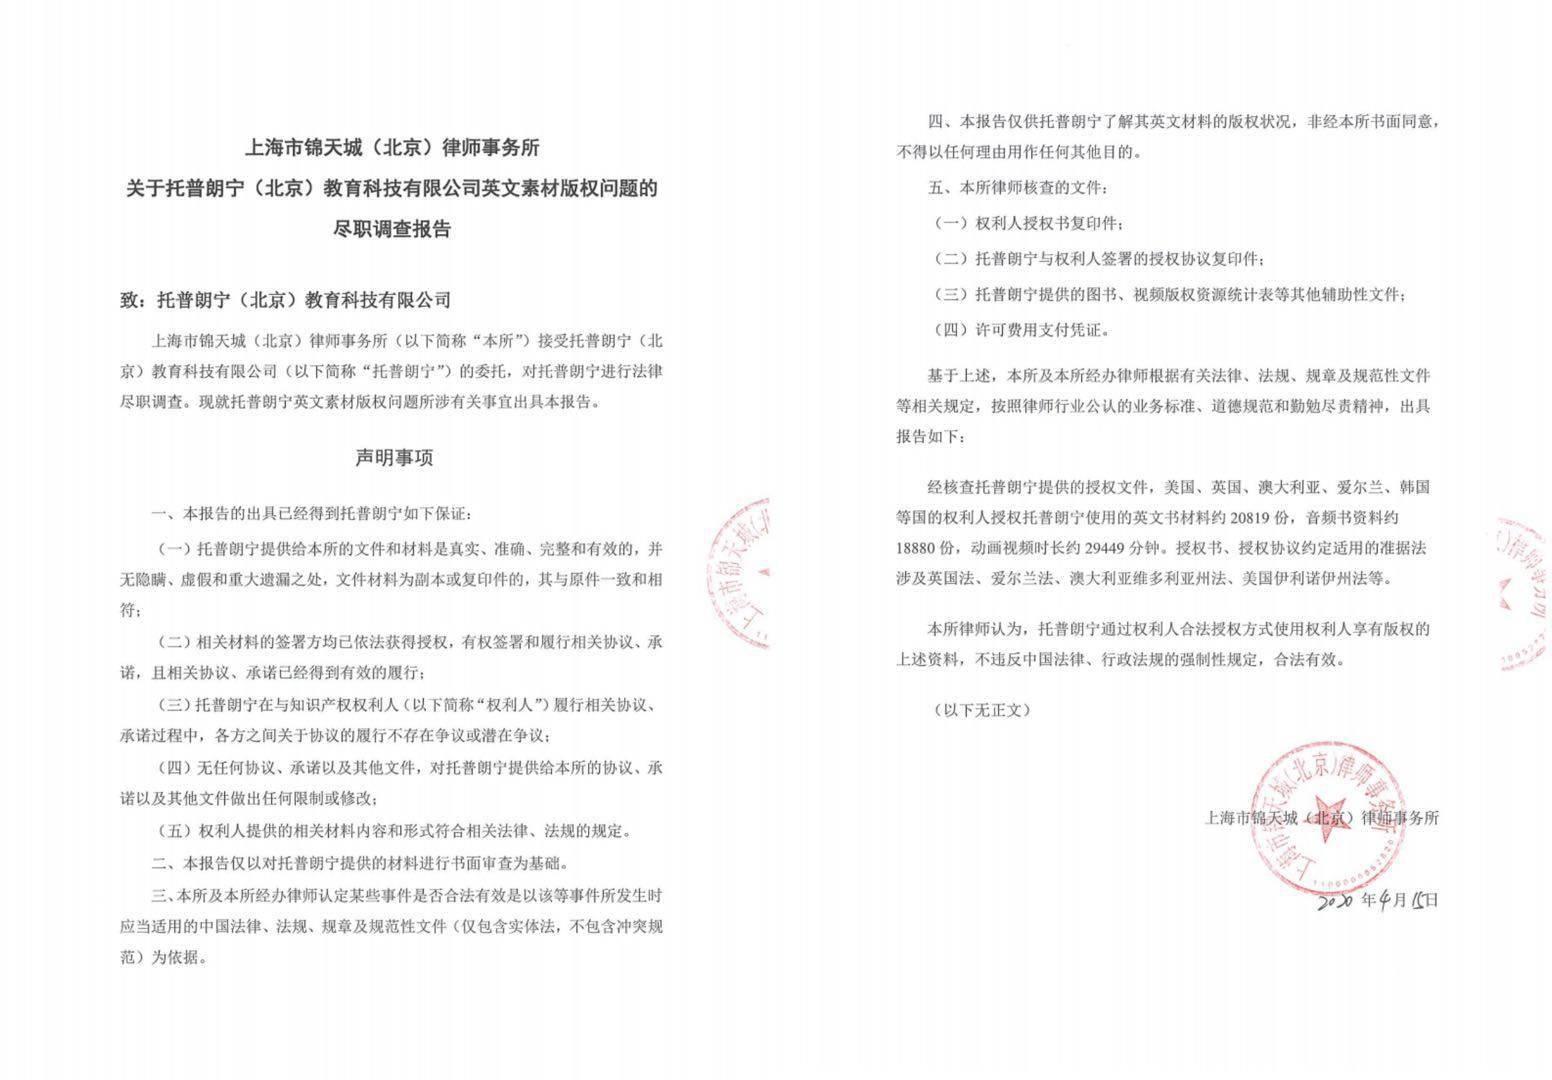 版权不明、朝令夕改,iEnglish消费者与服务商权益难保障